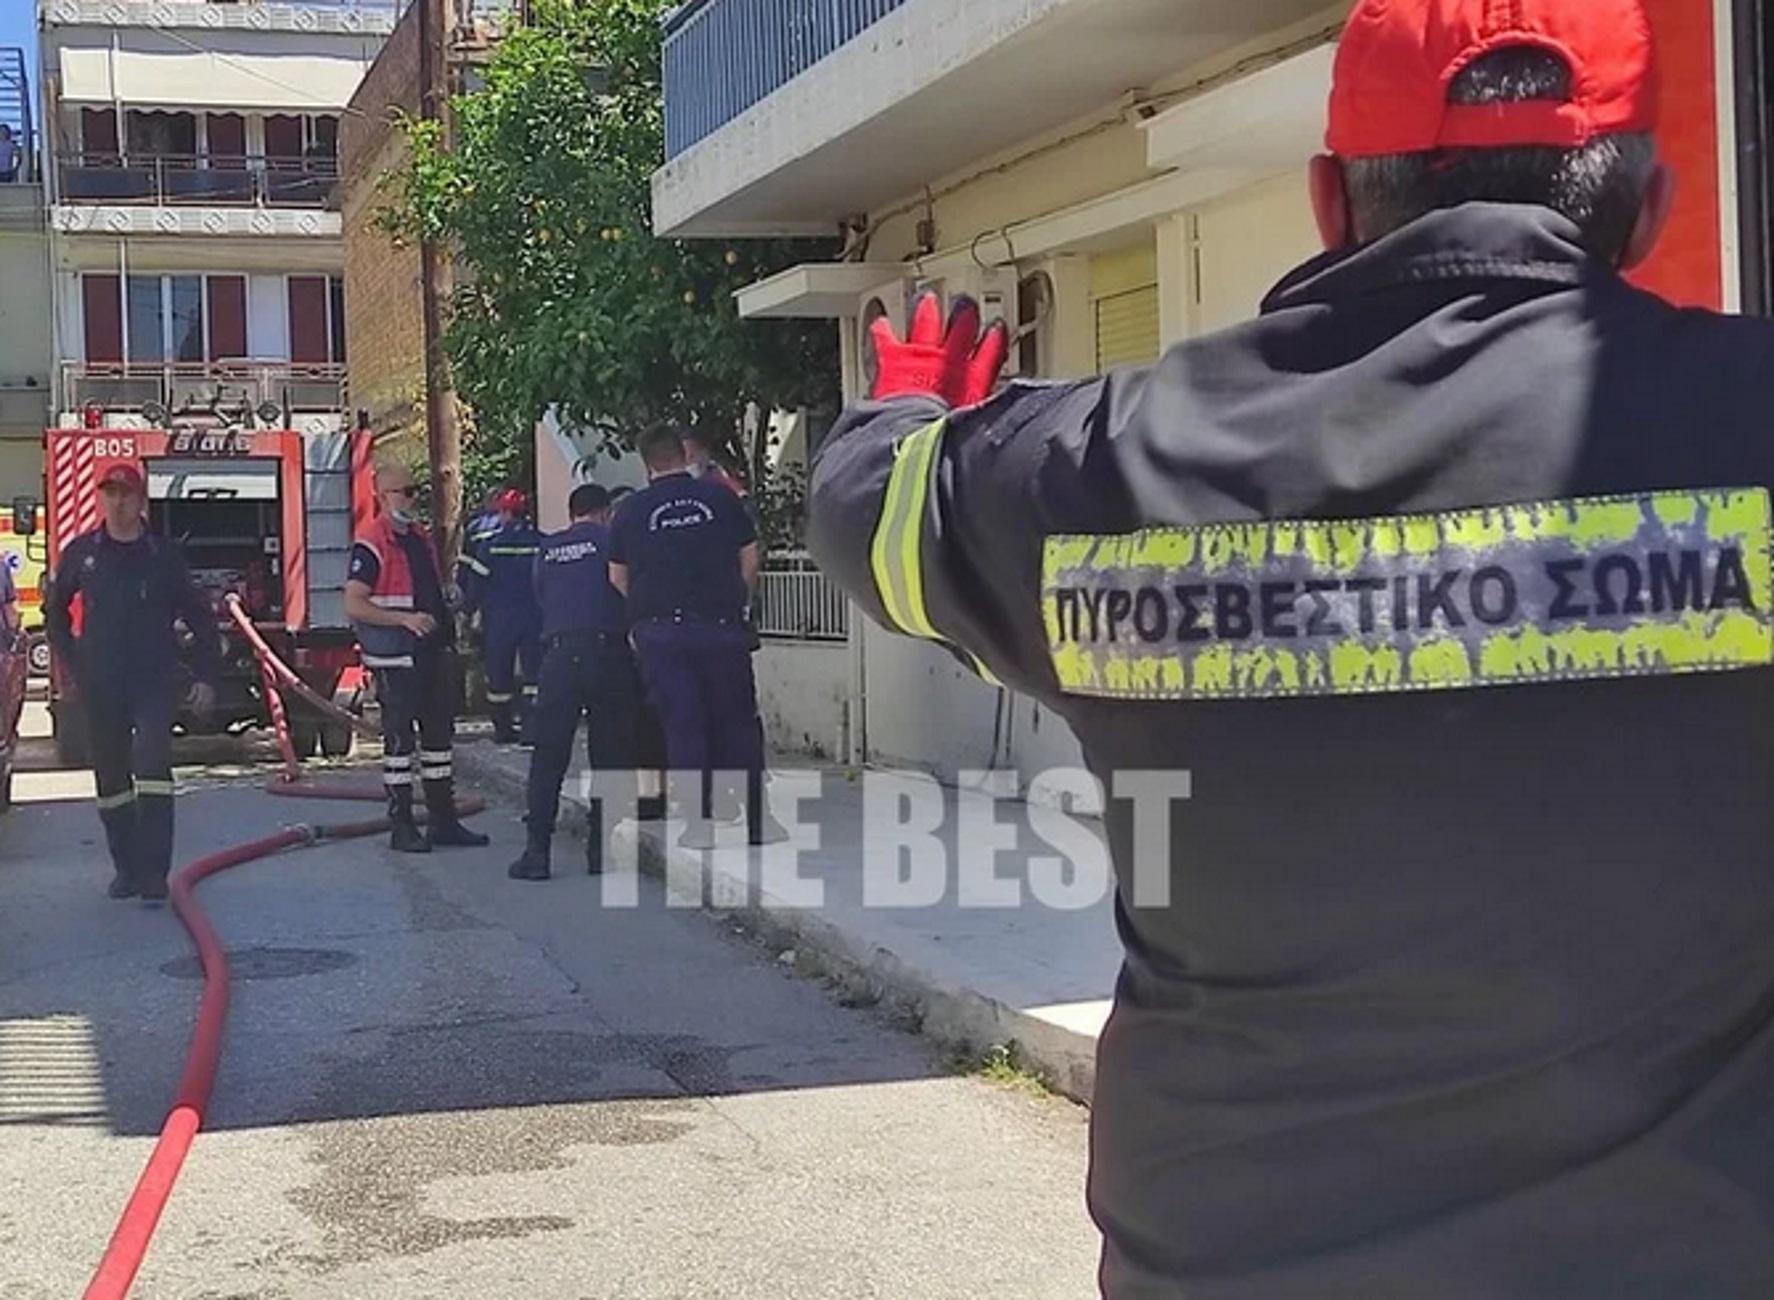 Πάτρα: Νεκρή γυναίκα σε φλεγόμενο σπίτι – Πανικός μετά τη μεγάλη φωτιά στο διαμέρισμα (video)